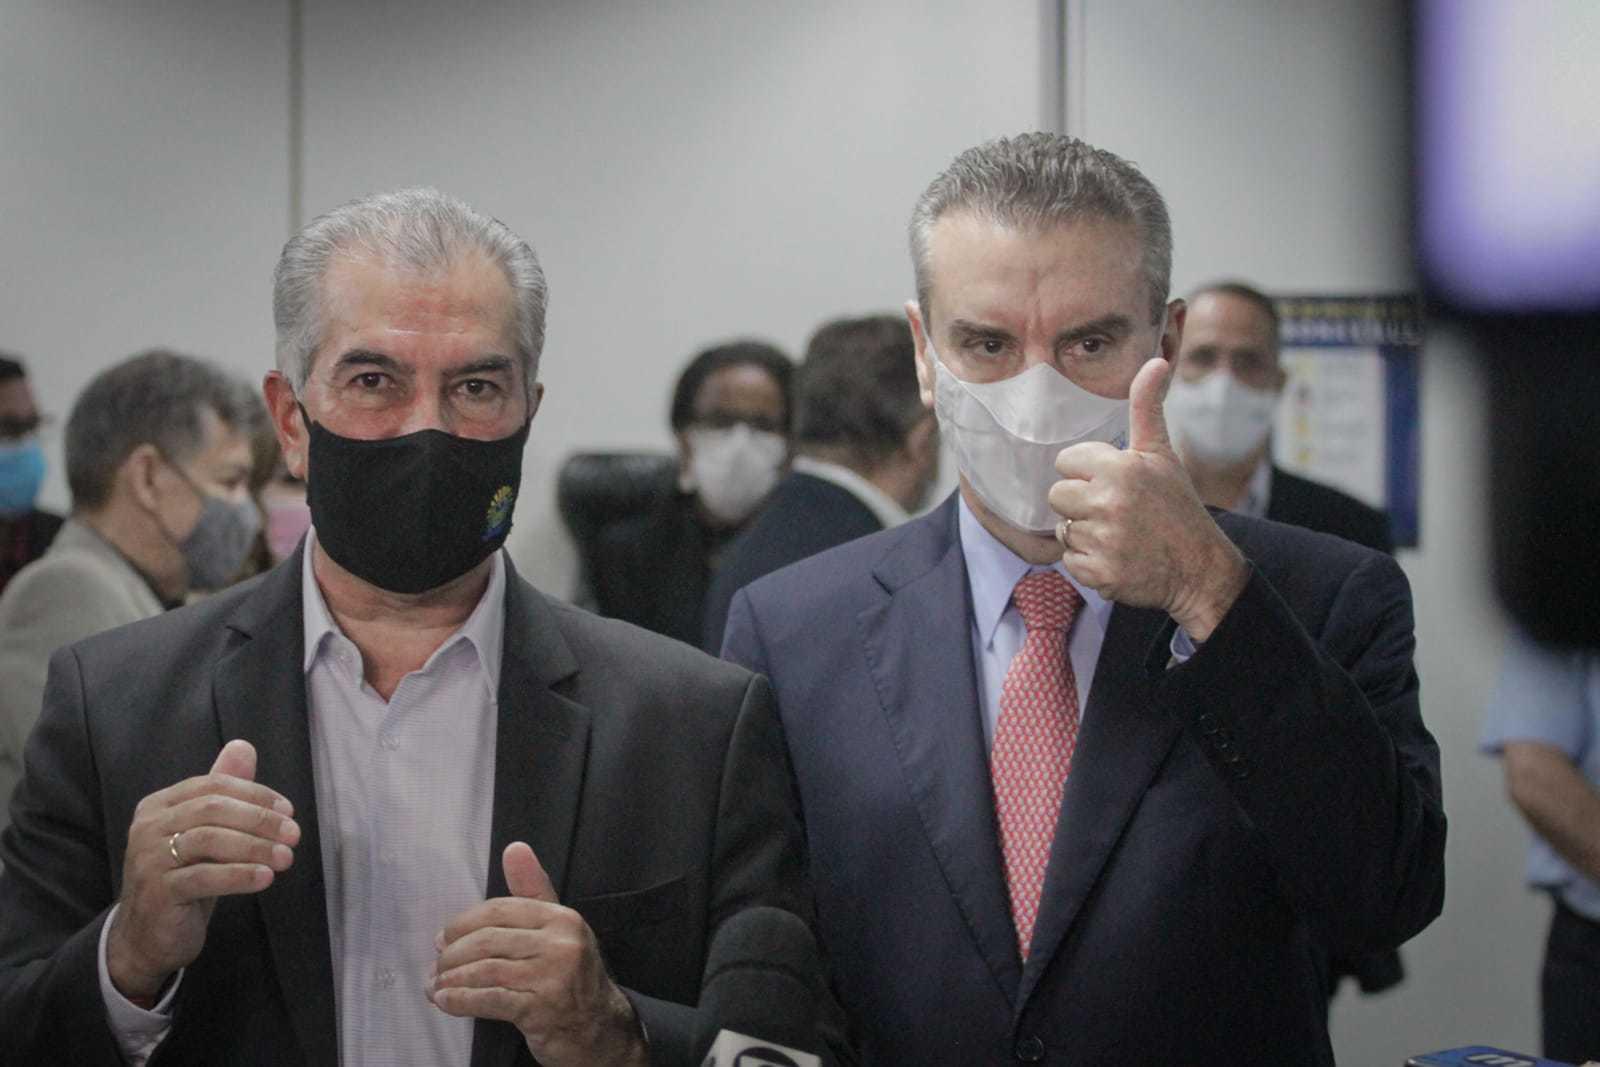 Governador Reinaldo Azambuja e o presidente da Assembleia Legislativa, deputado estadual Paulo Corrêa, durante coletiva. (Foto: Marcos Maluf)